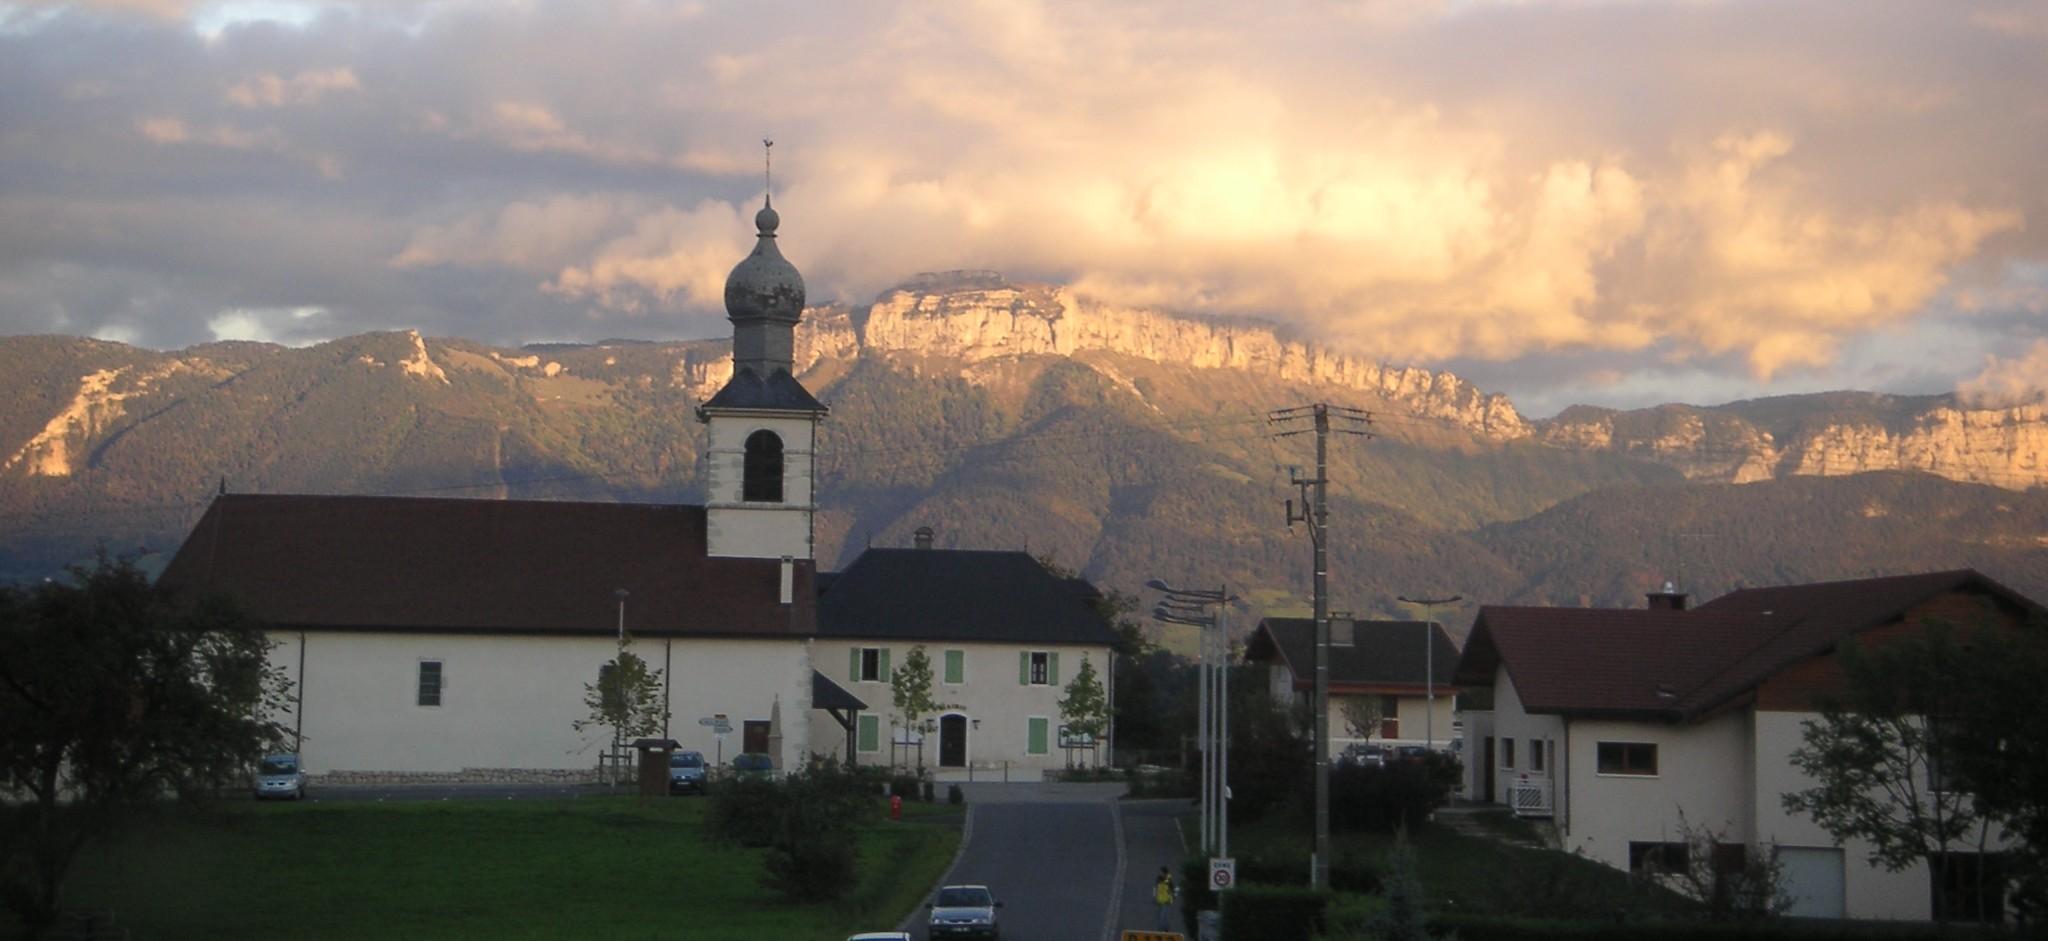 Mairie de Cuvat - Haute Savoie